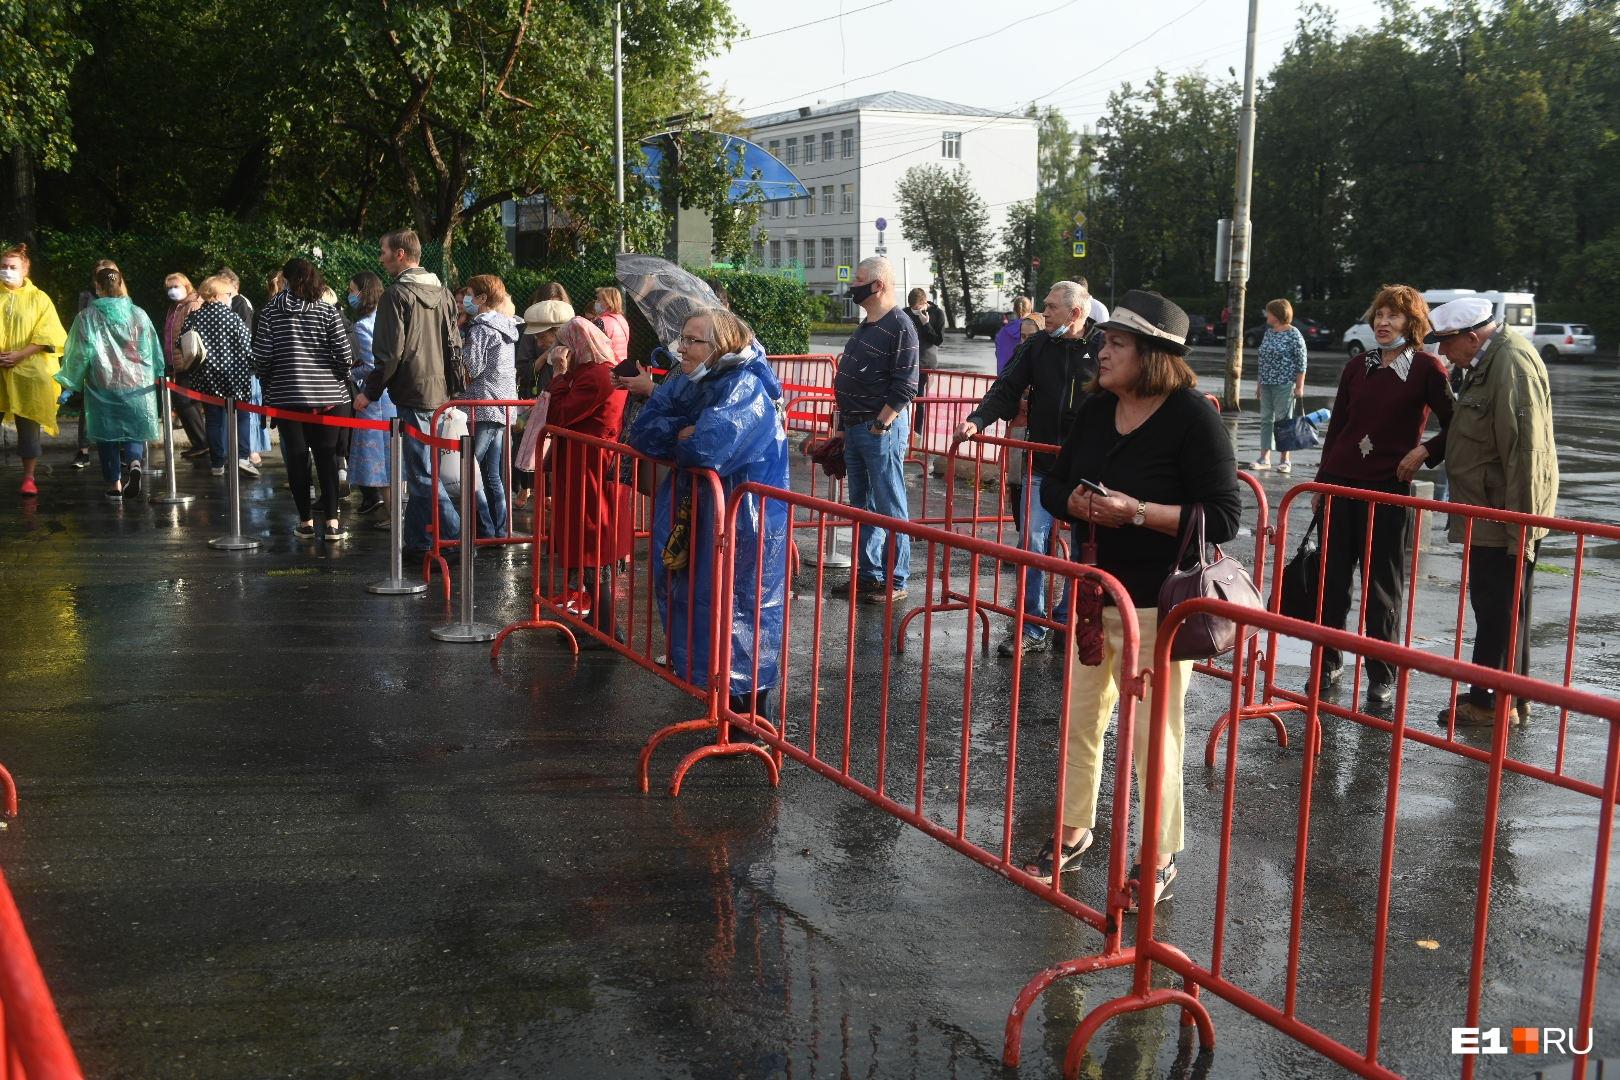 Люди регистрировались заранее, чтобы попасть на фестиваль